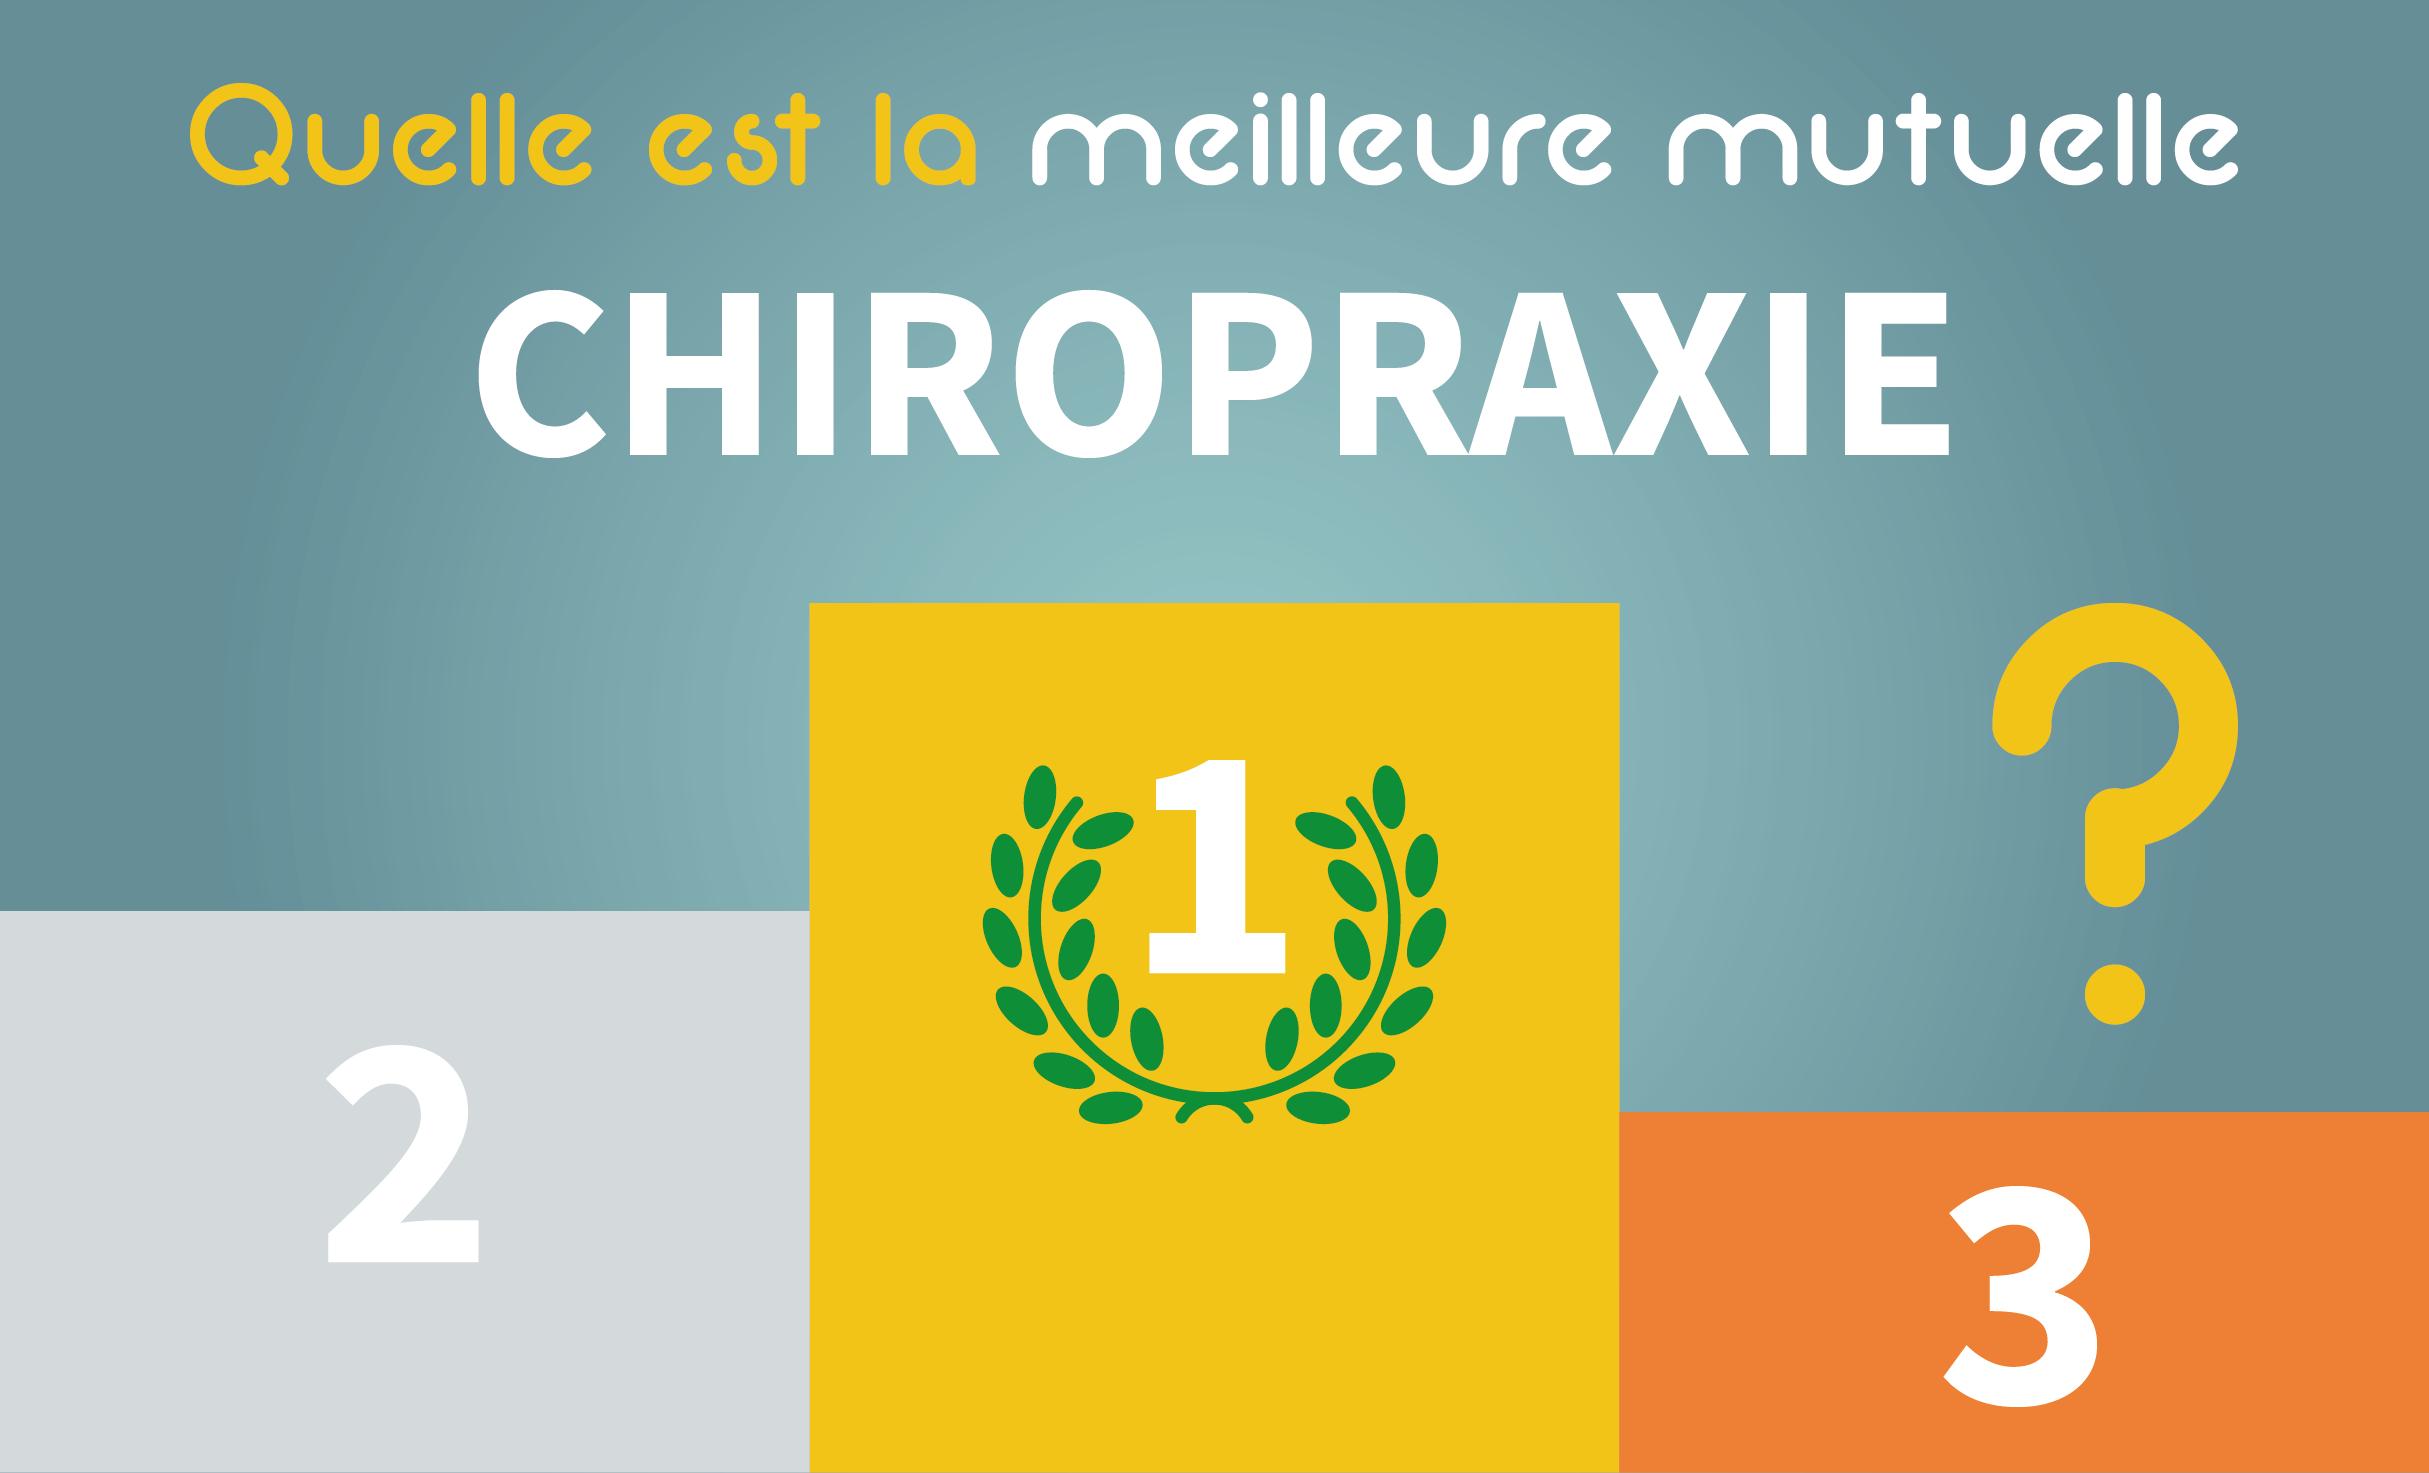 Faites votre propre classement des meilleures mutuelles pour la pratique de la chiropraxie